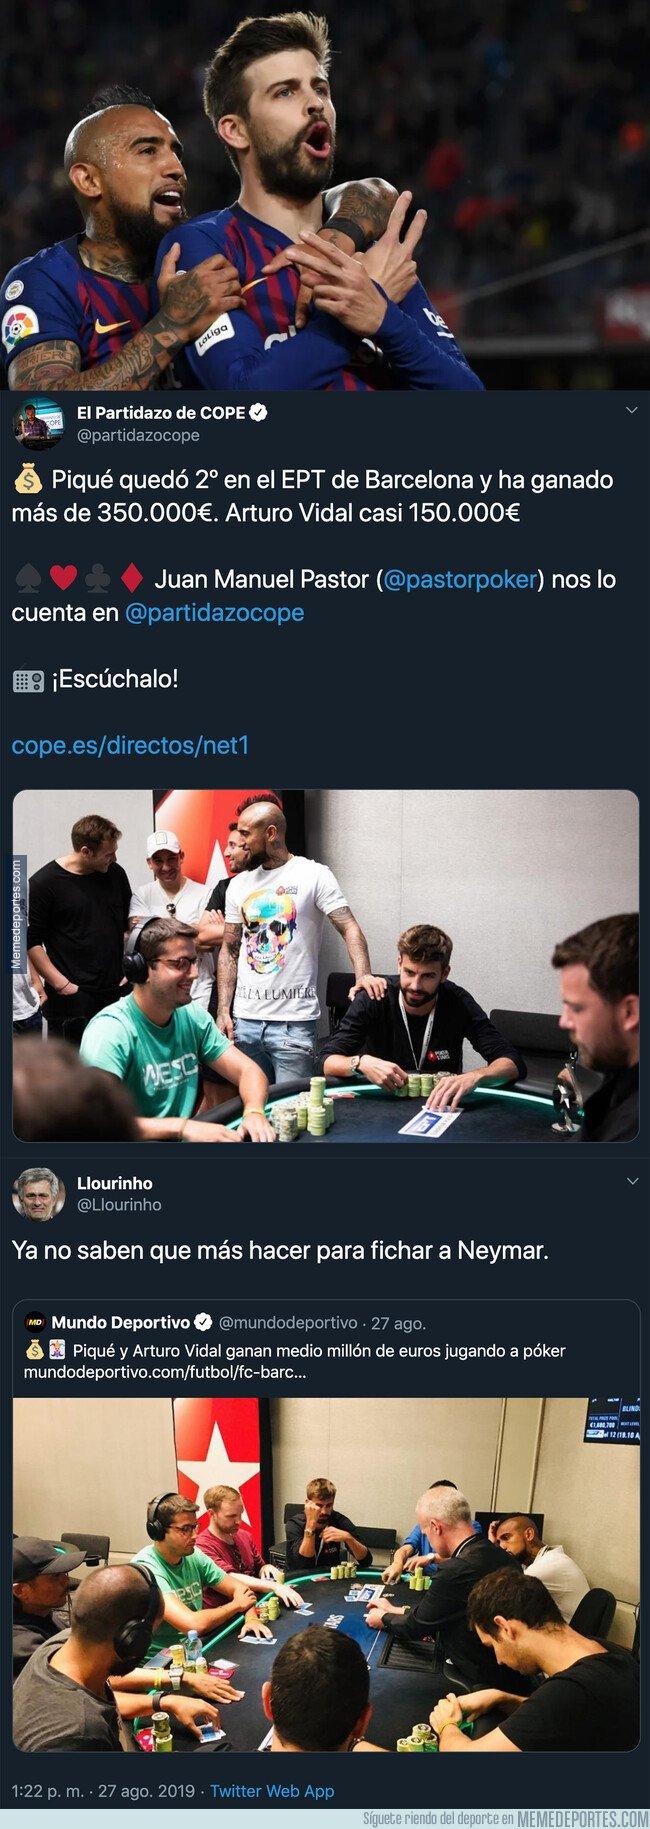 1084386 - La tremenda cantidad de dinero que han ganado Piqué y Arturo Vidal en un torneo de póker